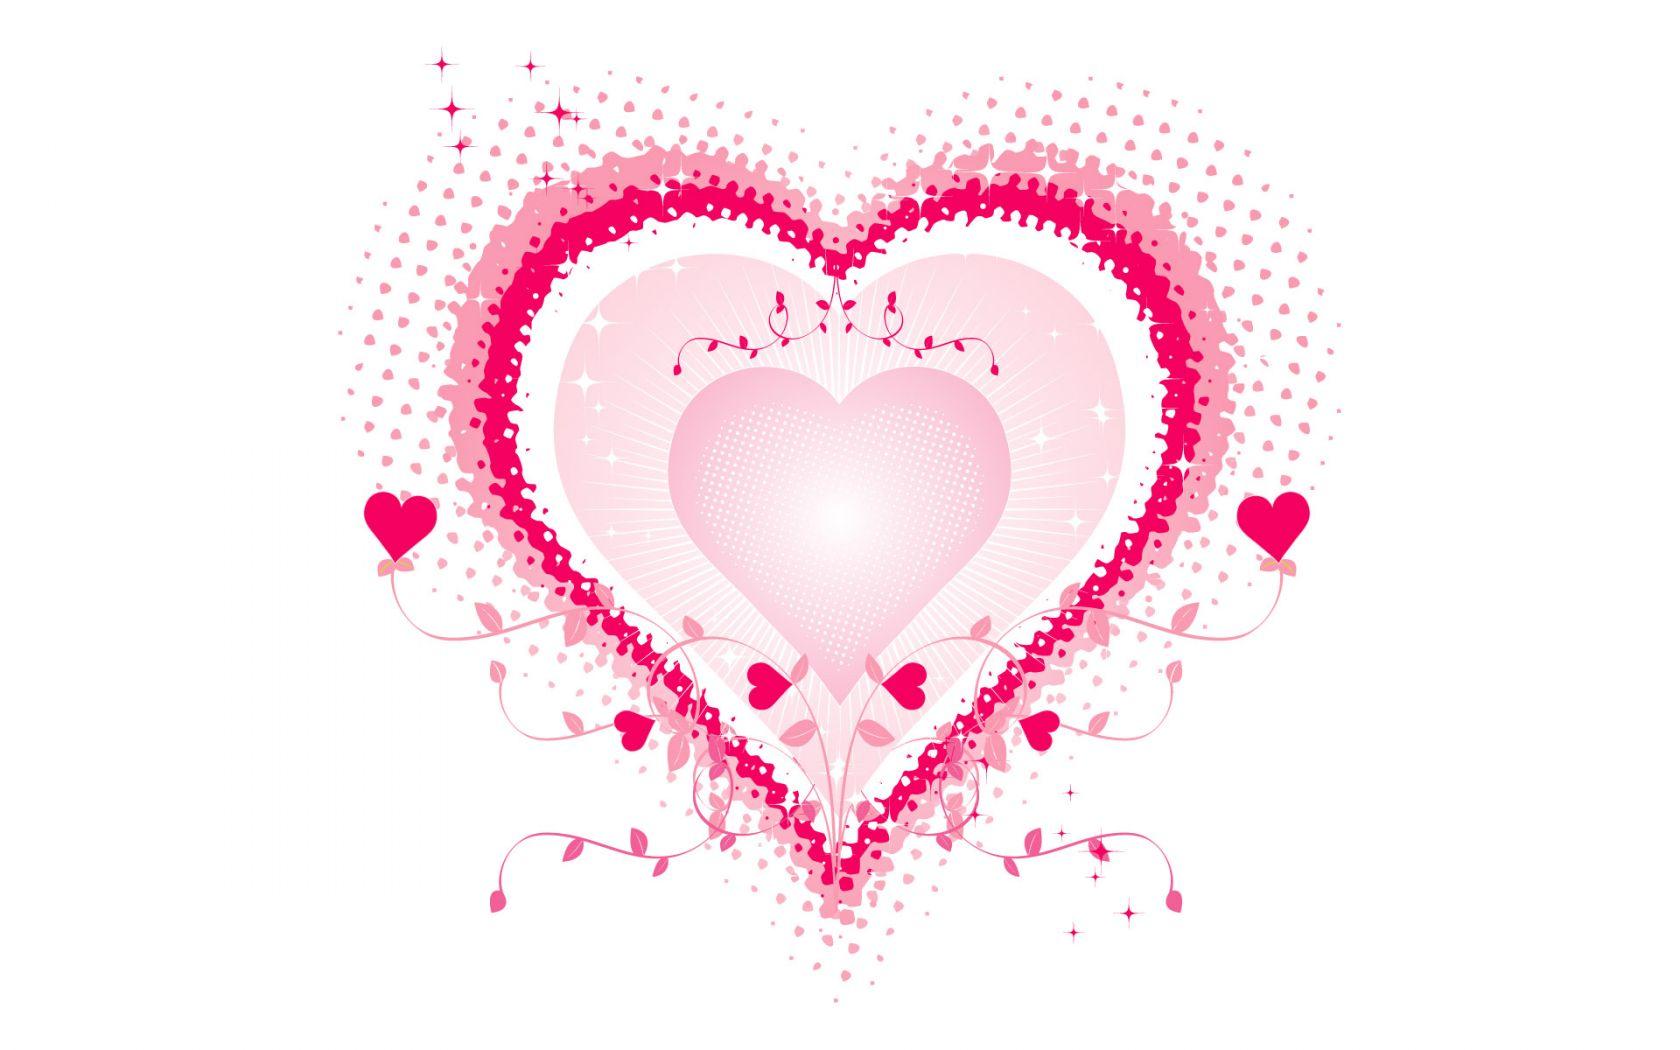 Pink Love Heart Desktop hd Wallpaper High Quality Wallpapers 1680x1050